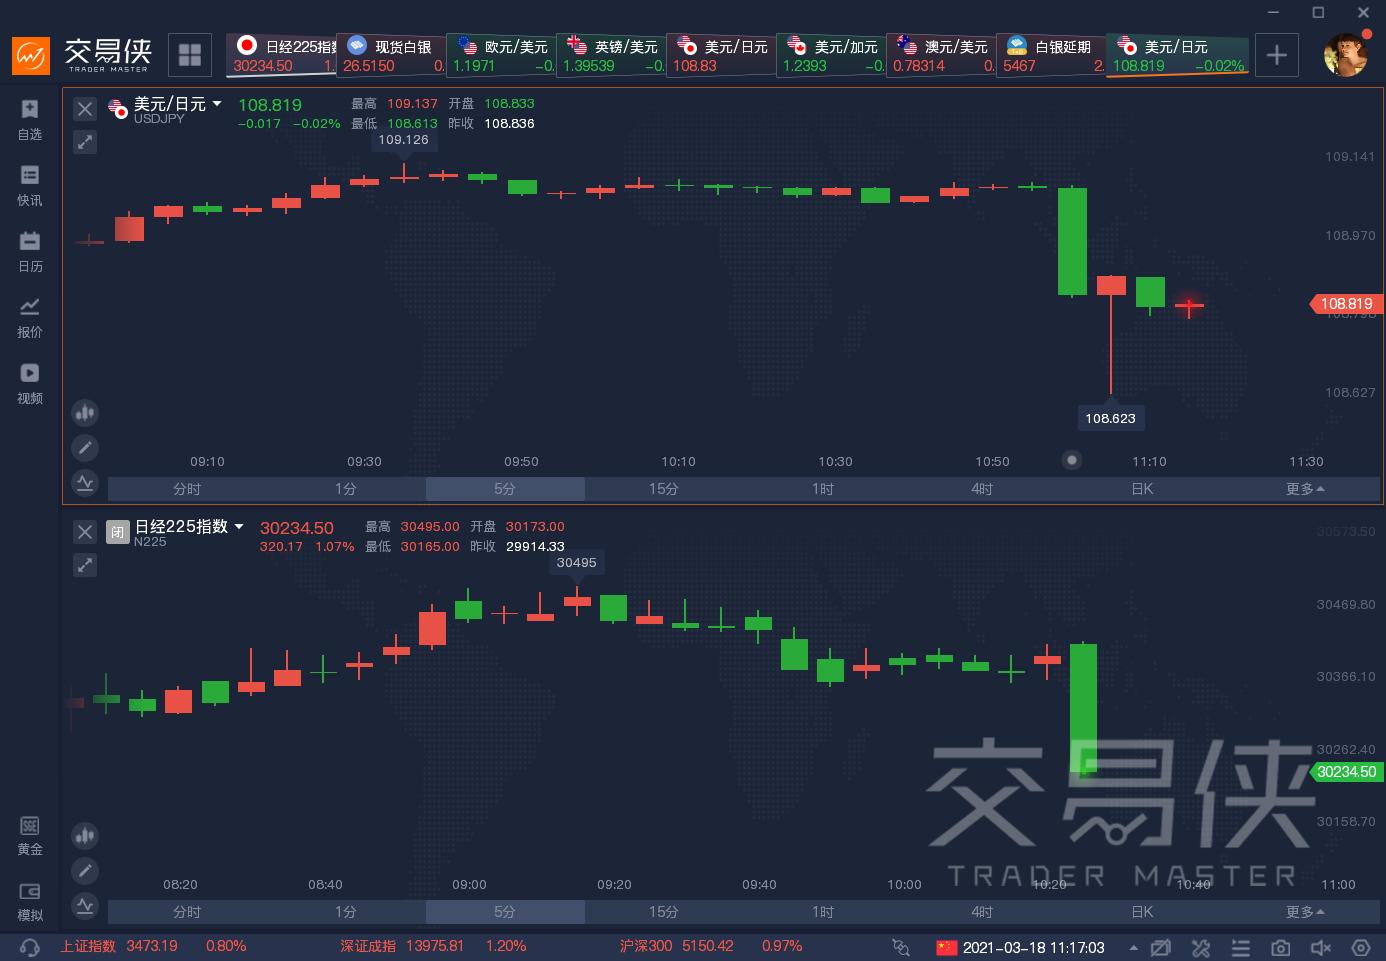 日本央行被曝将有三大动作,日股短线跳水、日元急升